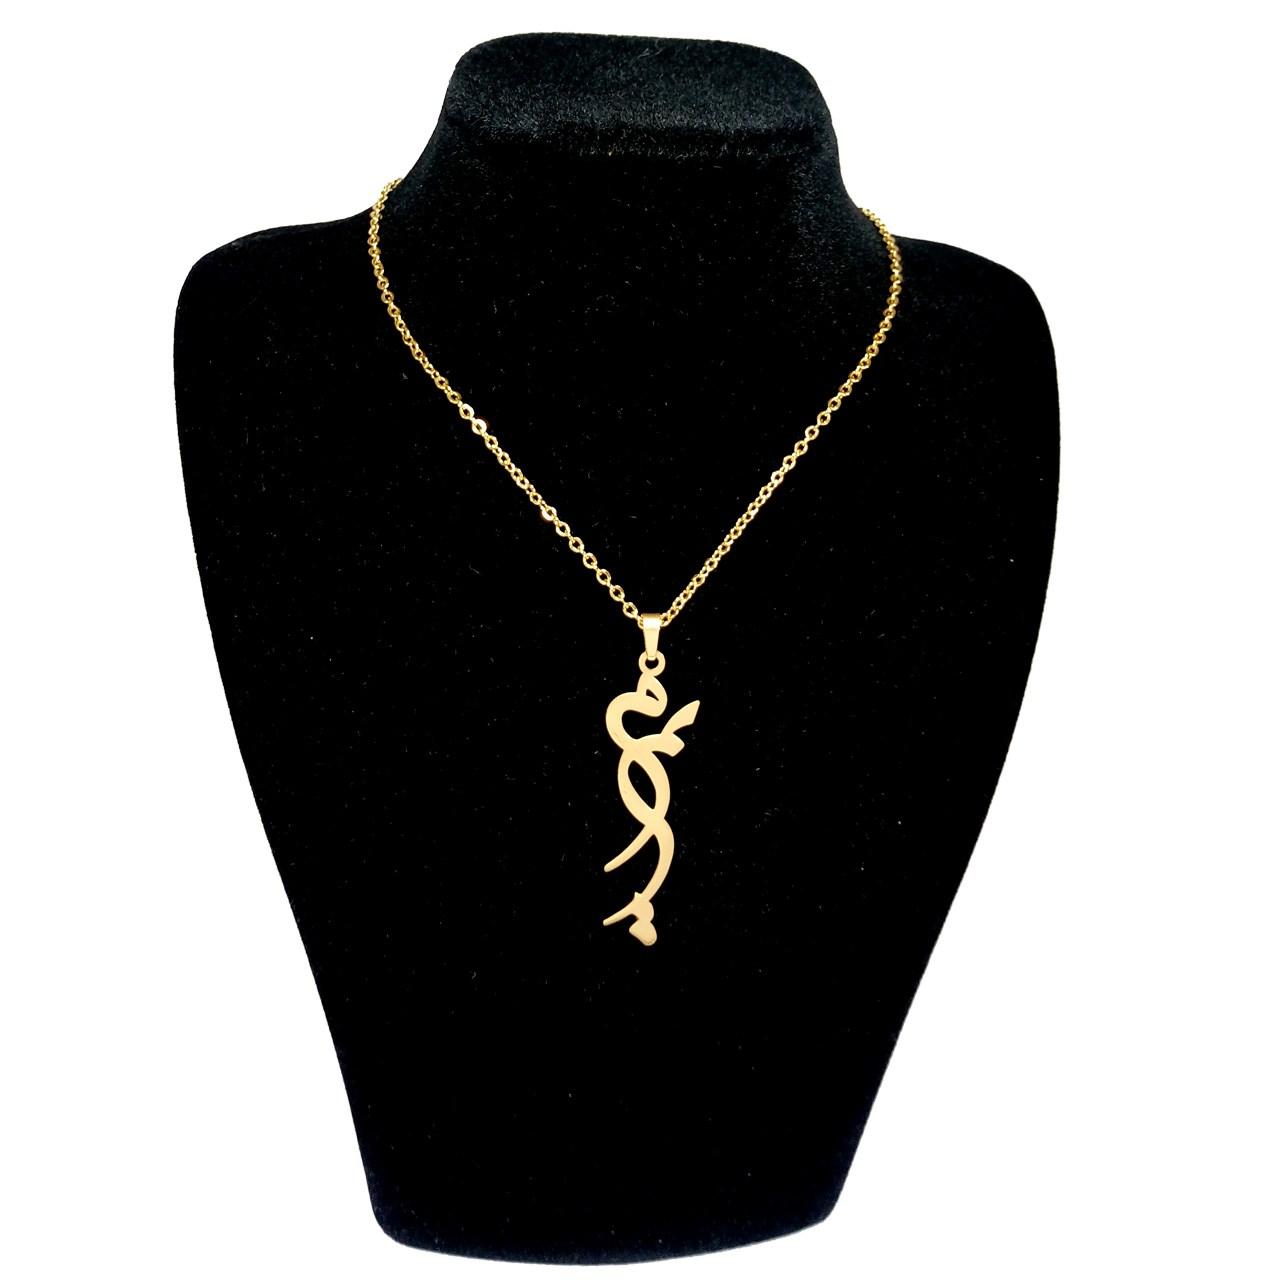 قیمت گردنبند آی جواهر طرح مریم طلایی کد 1100107